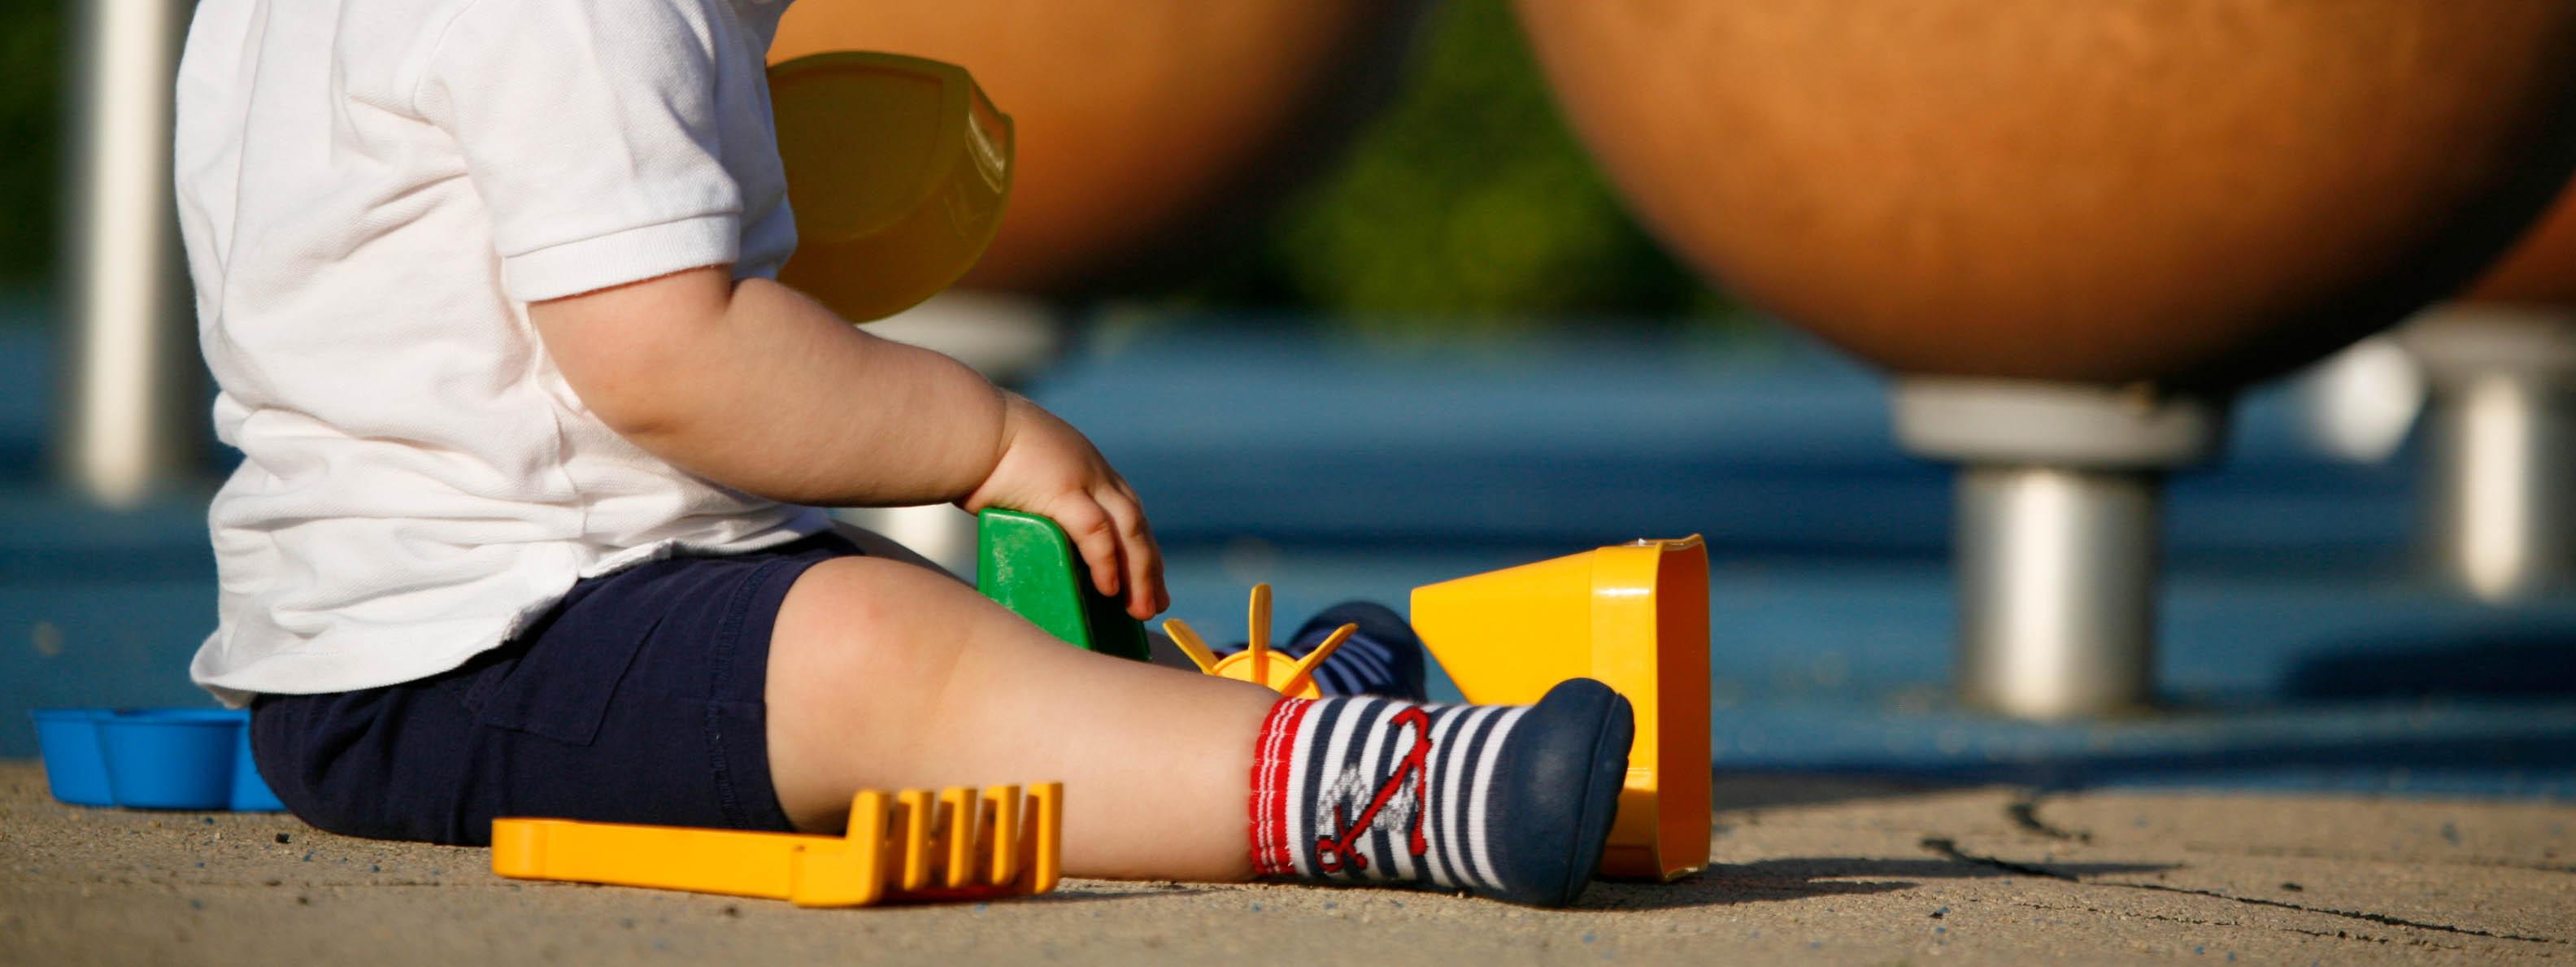 Το μπλογκ - Ανατομικά βρέφικα   παιδικά παπούτσια για τα πρώτα ... 617bf968c25